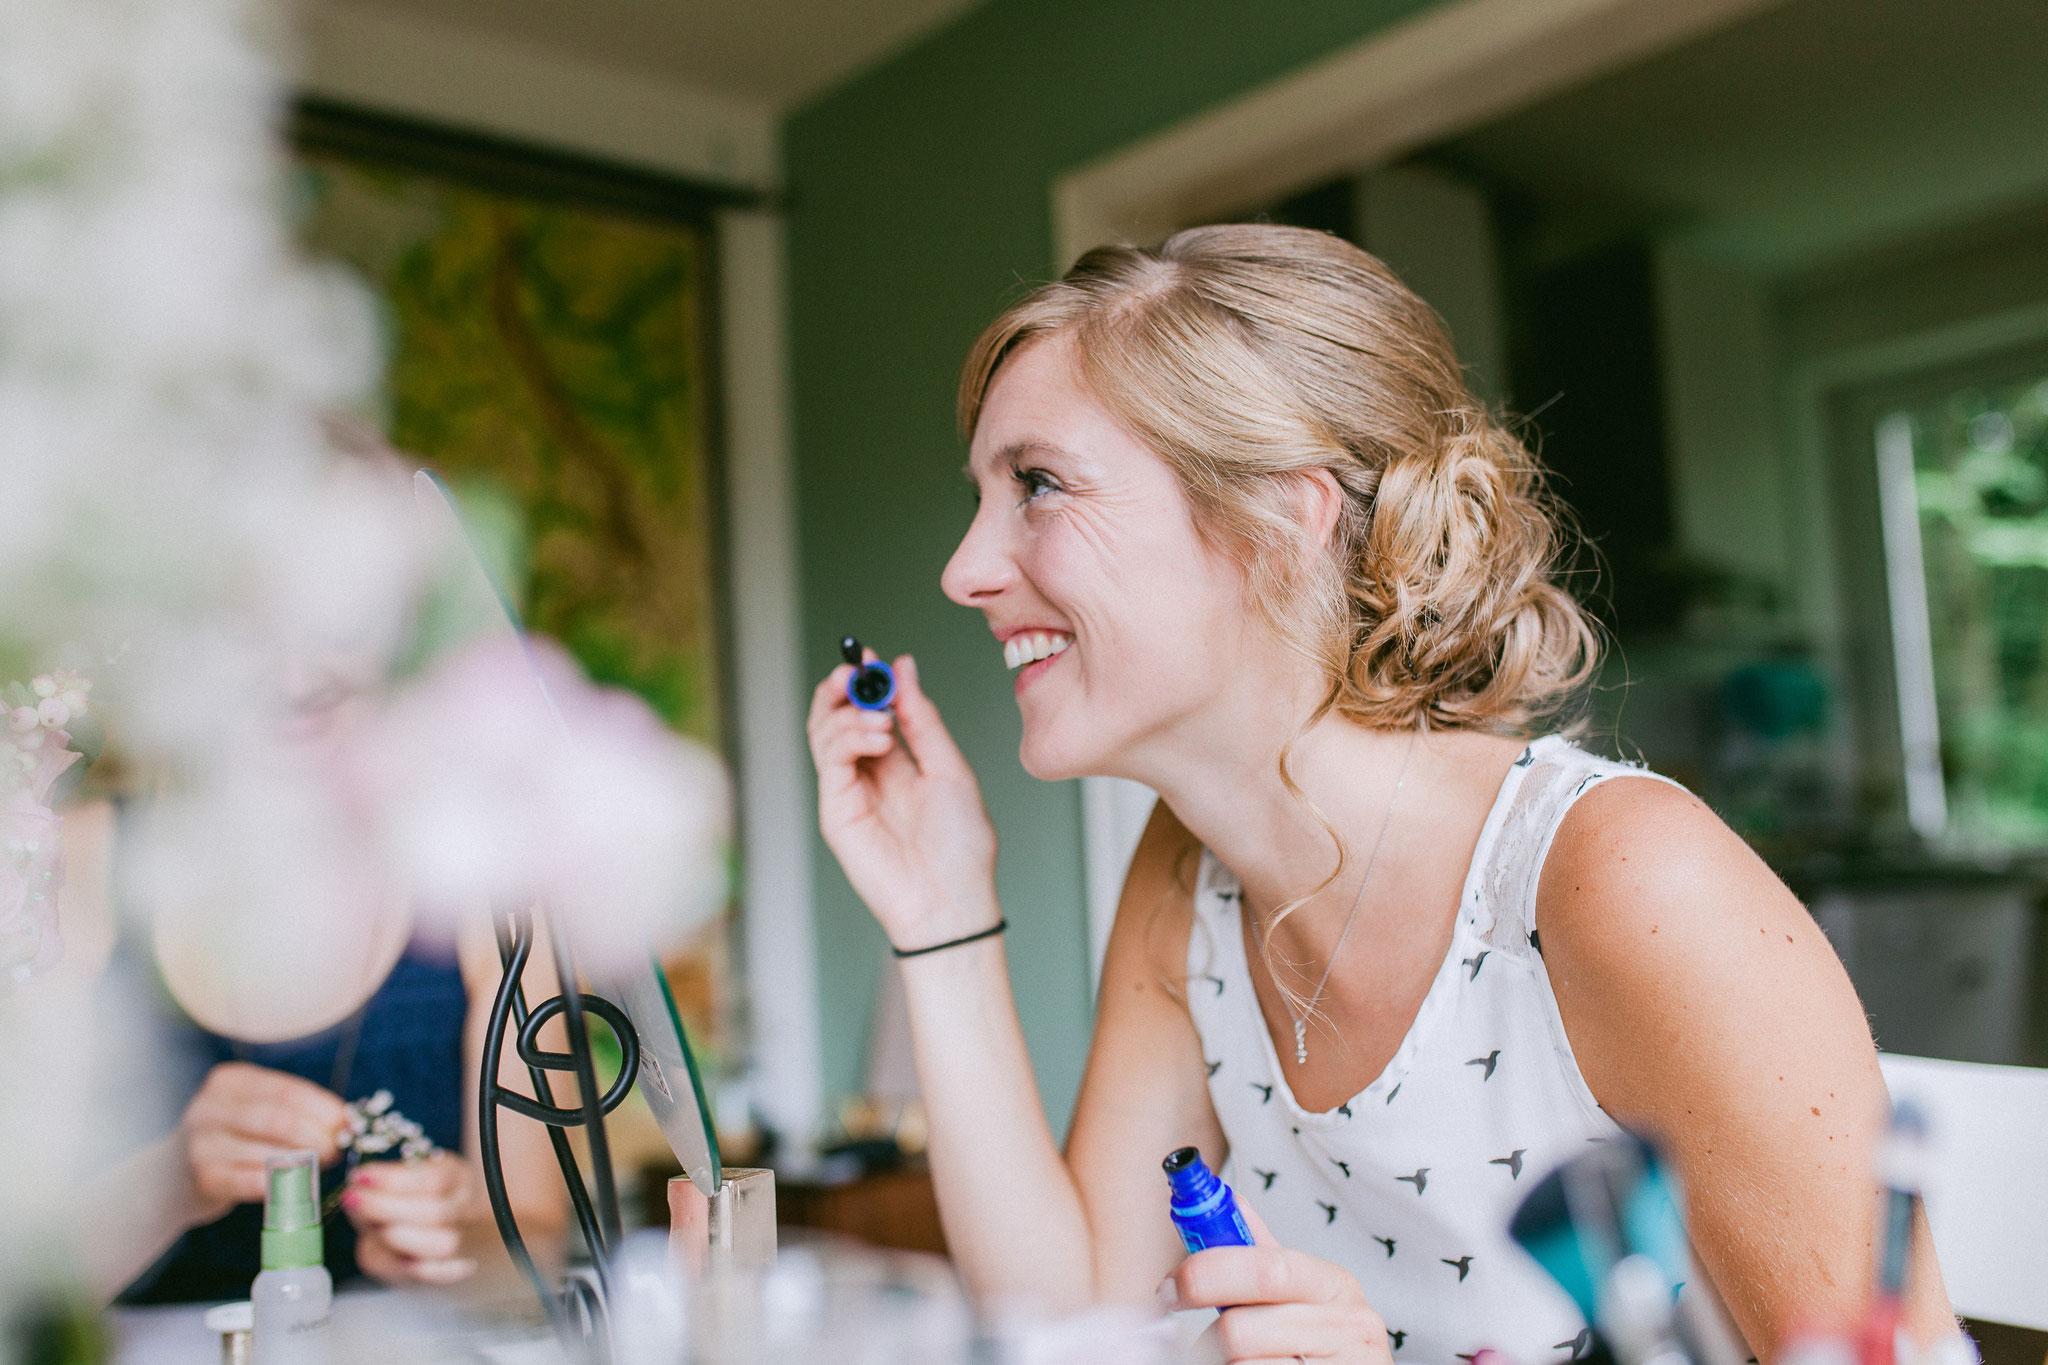 Getting Ready | Hochzeitsfotograf Rebecca Adloff | Ruhrgebiet, Essen, Münster, NRW, Düsseldorf, Köln, Bochum | Hochzeitsreportage | Hochzeitsfotos